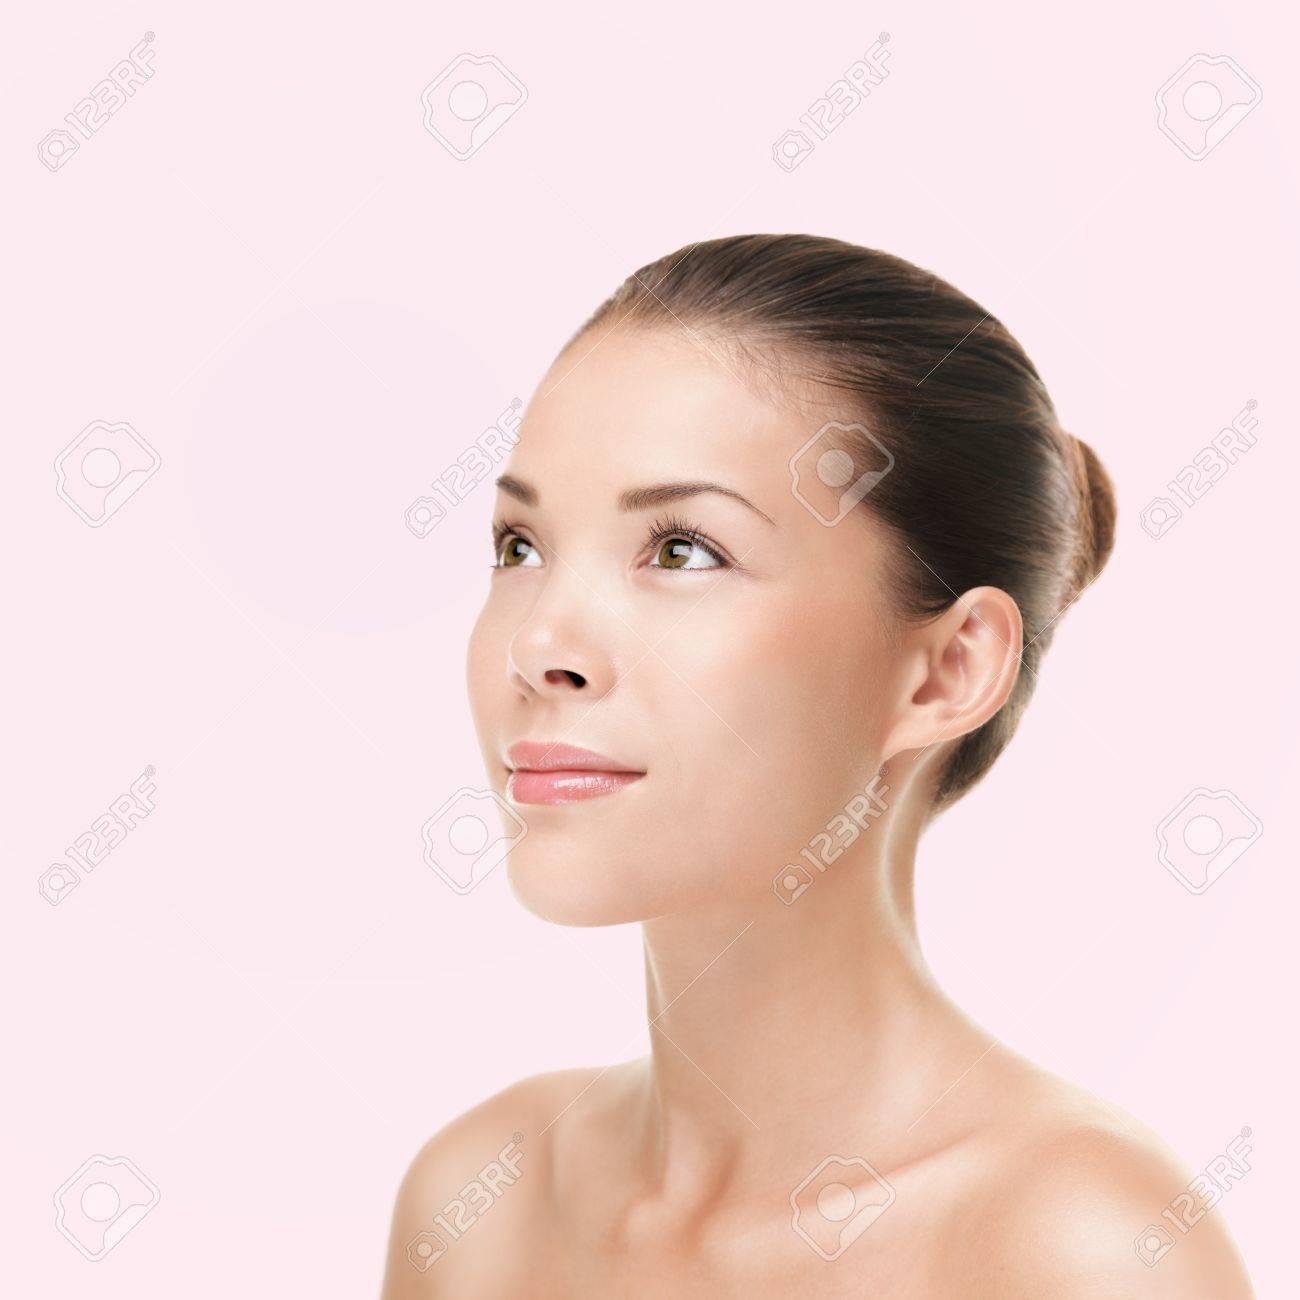 Multikulturelle ethnischen asiatischen und kaukasischen weiblichen Schönheit Modell zur Seite schauen und auf hellen rosa Hintergrund. Standard-Bild - 16663400